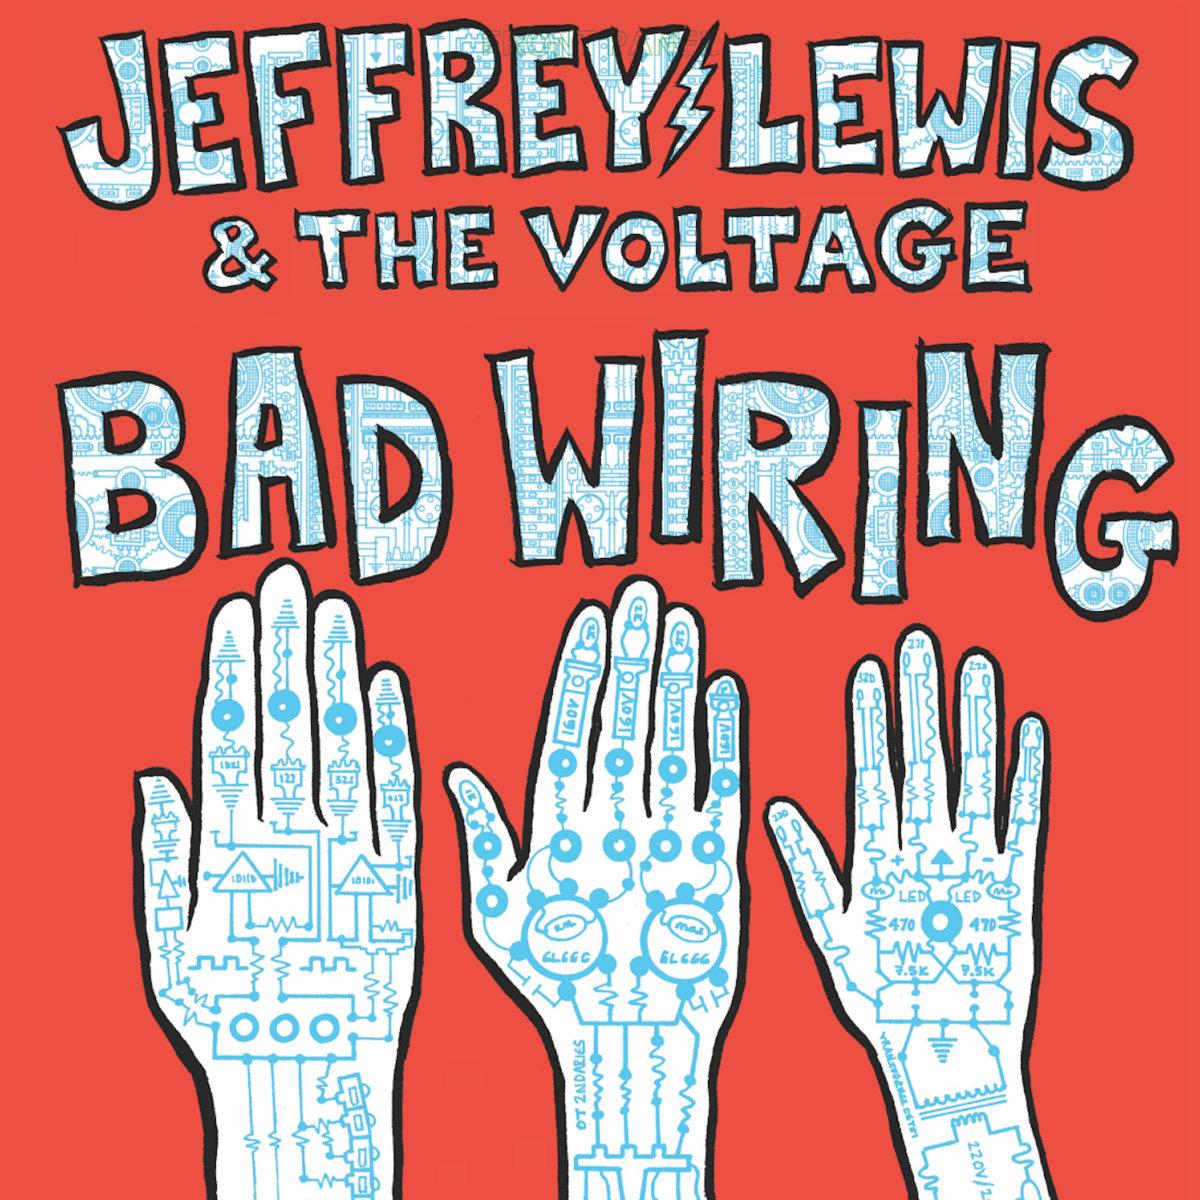 Jeffrey Lewis & The Voltage - Bad Wiring LP